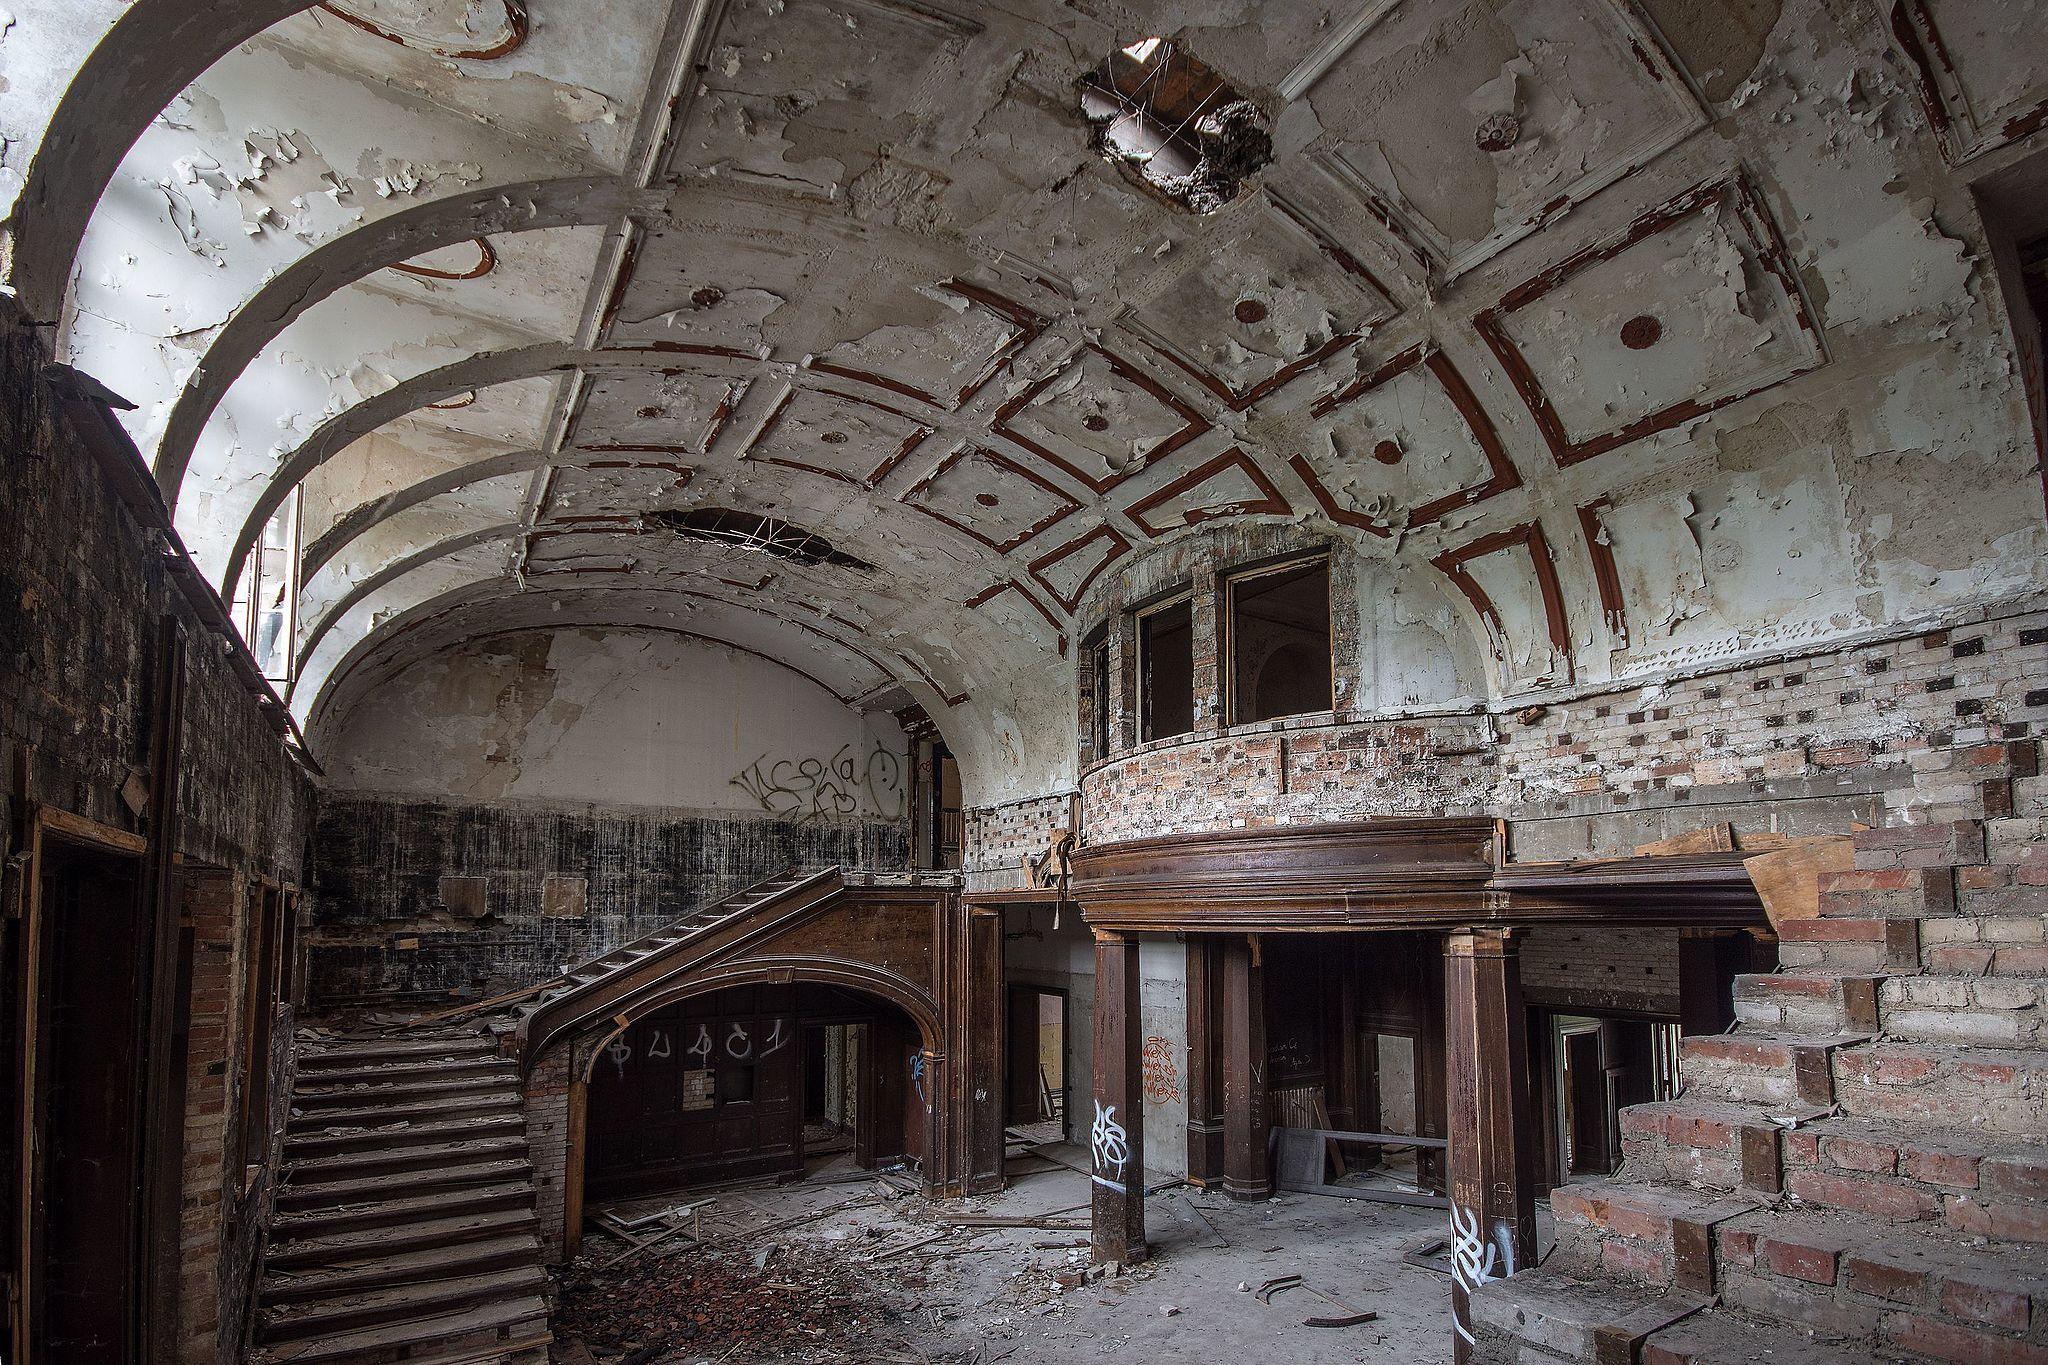 Wnętrze pałacu w Bełczu Wielkim, autor: Sławomir Milejski, CC-BY-SA 3.0